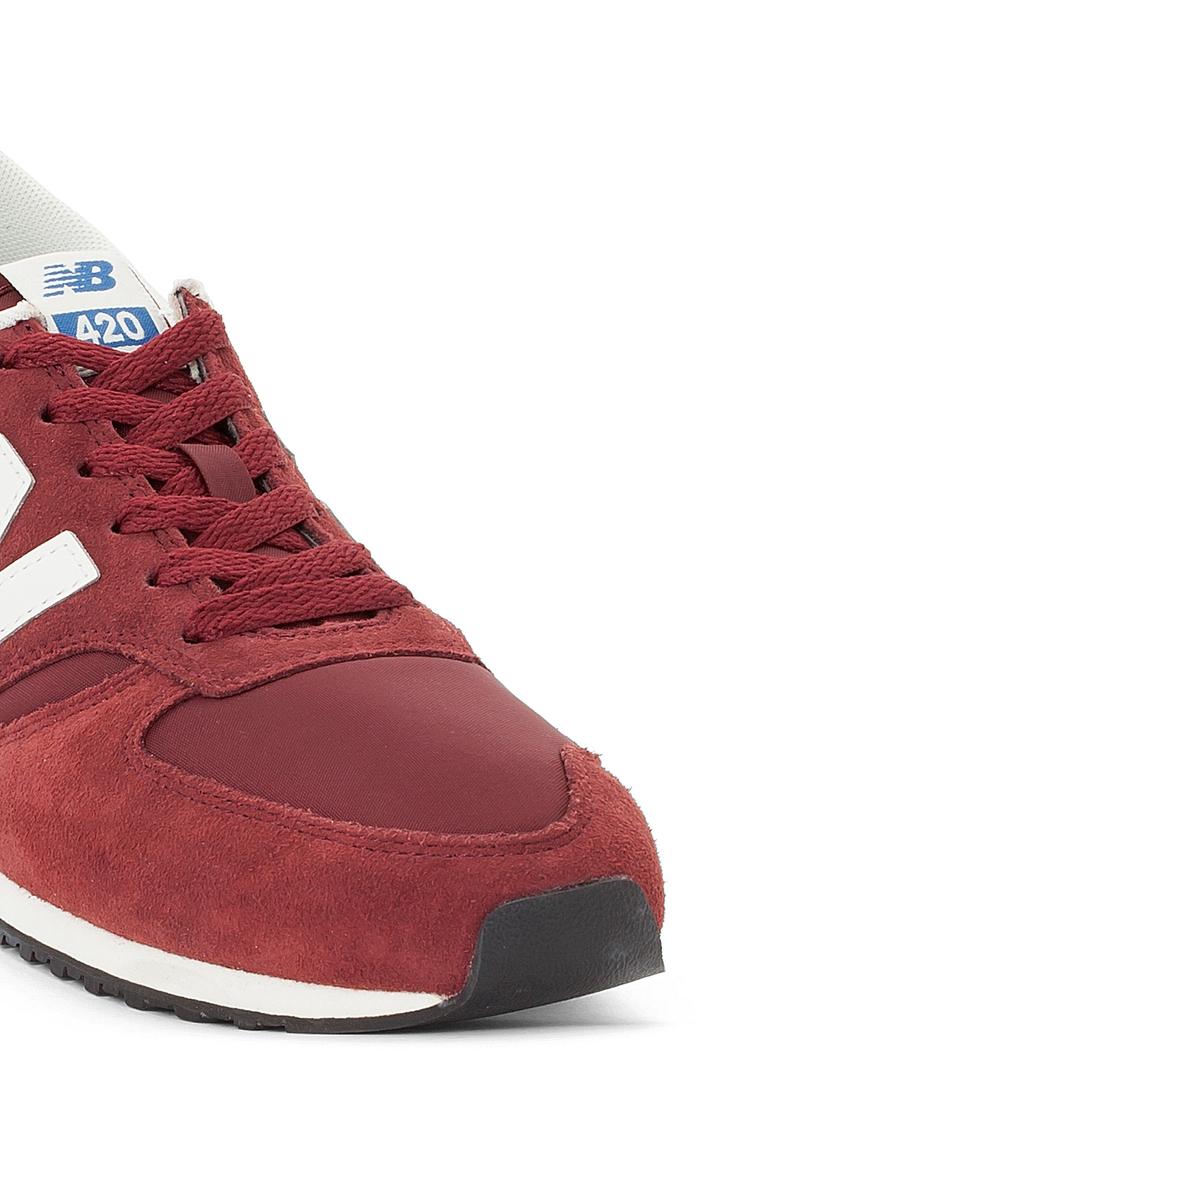 Imagen secundaria de producto de Zapatillas WR996 - New Balance